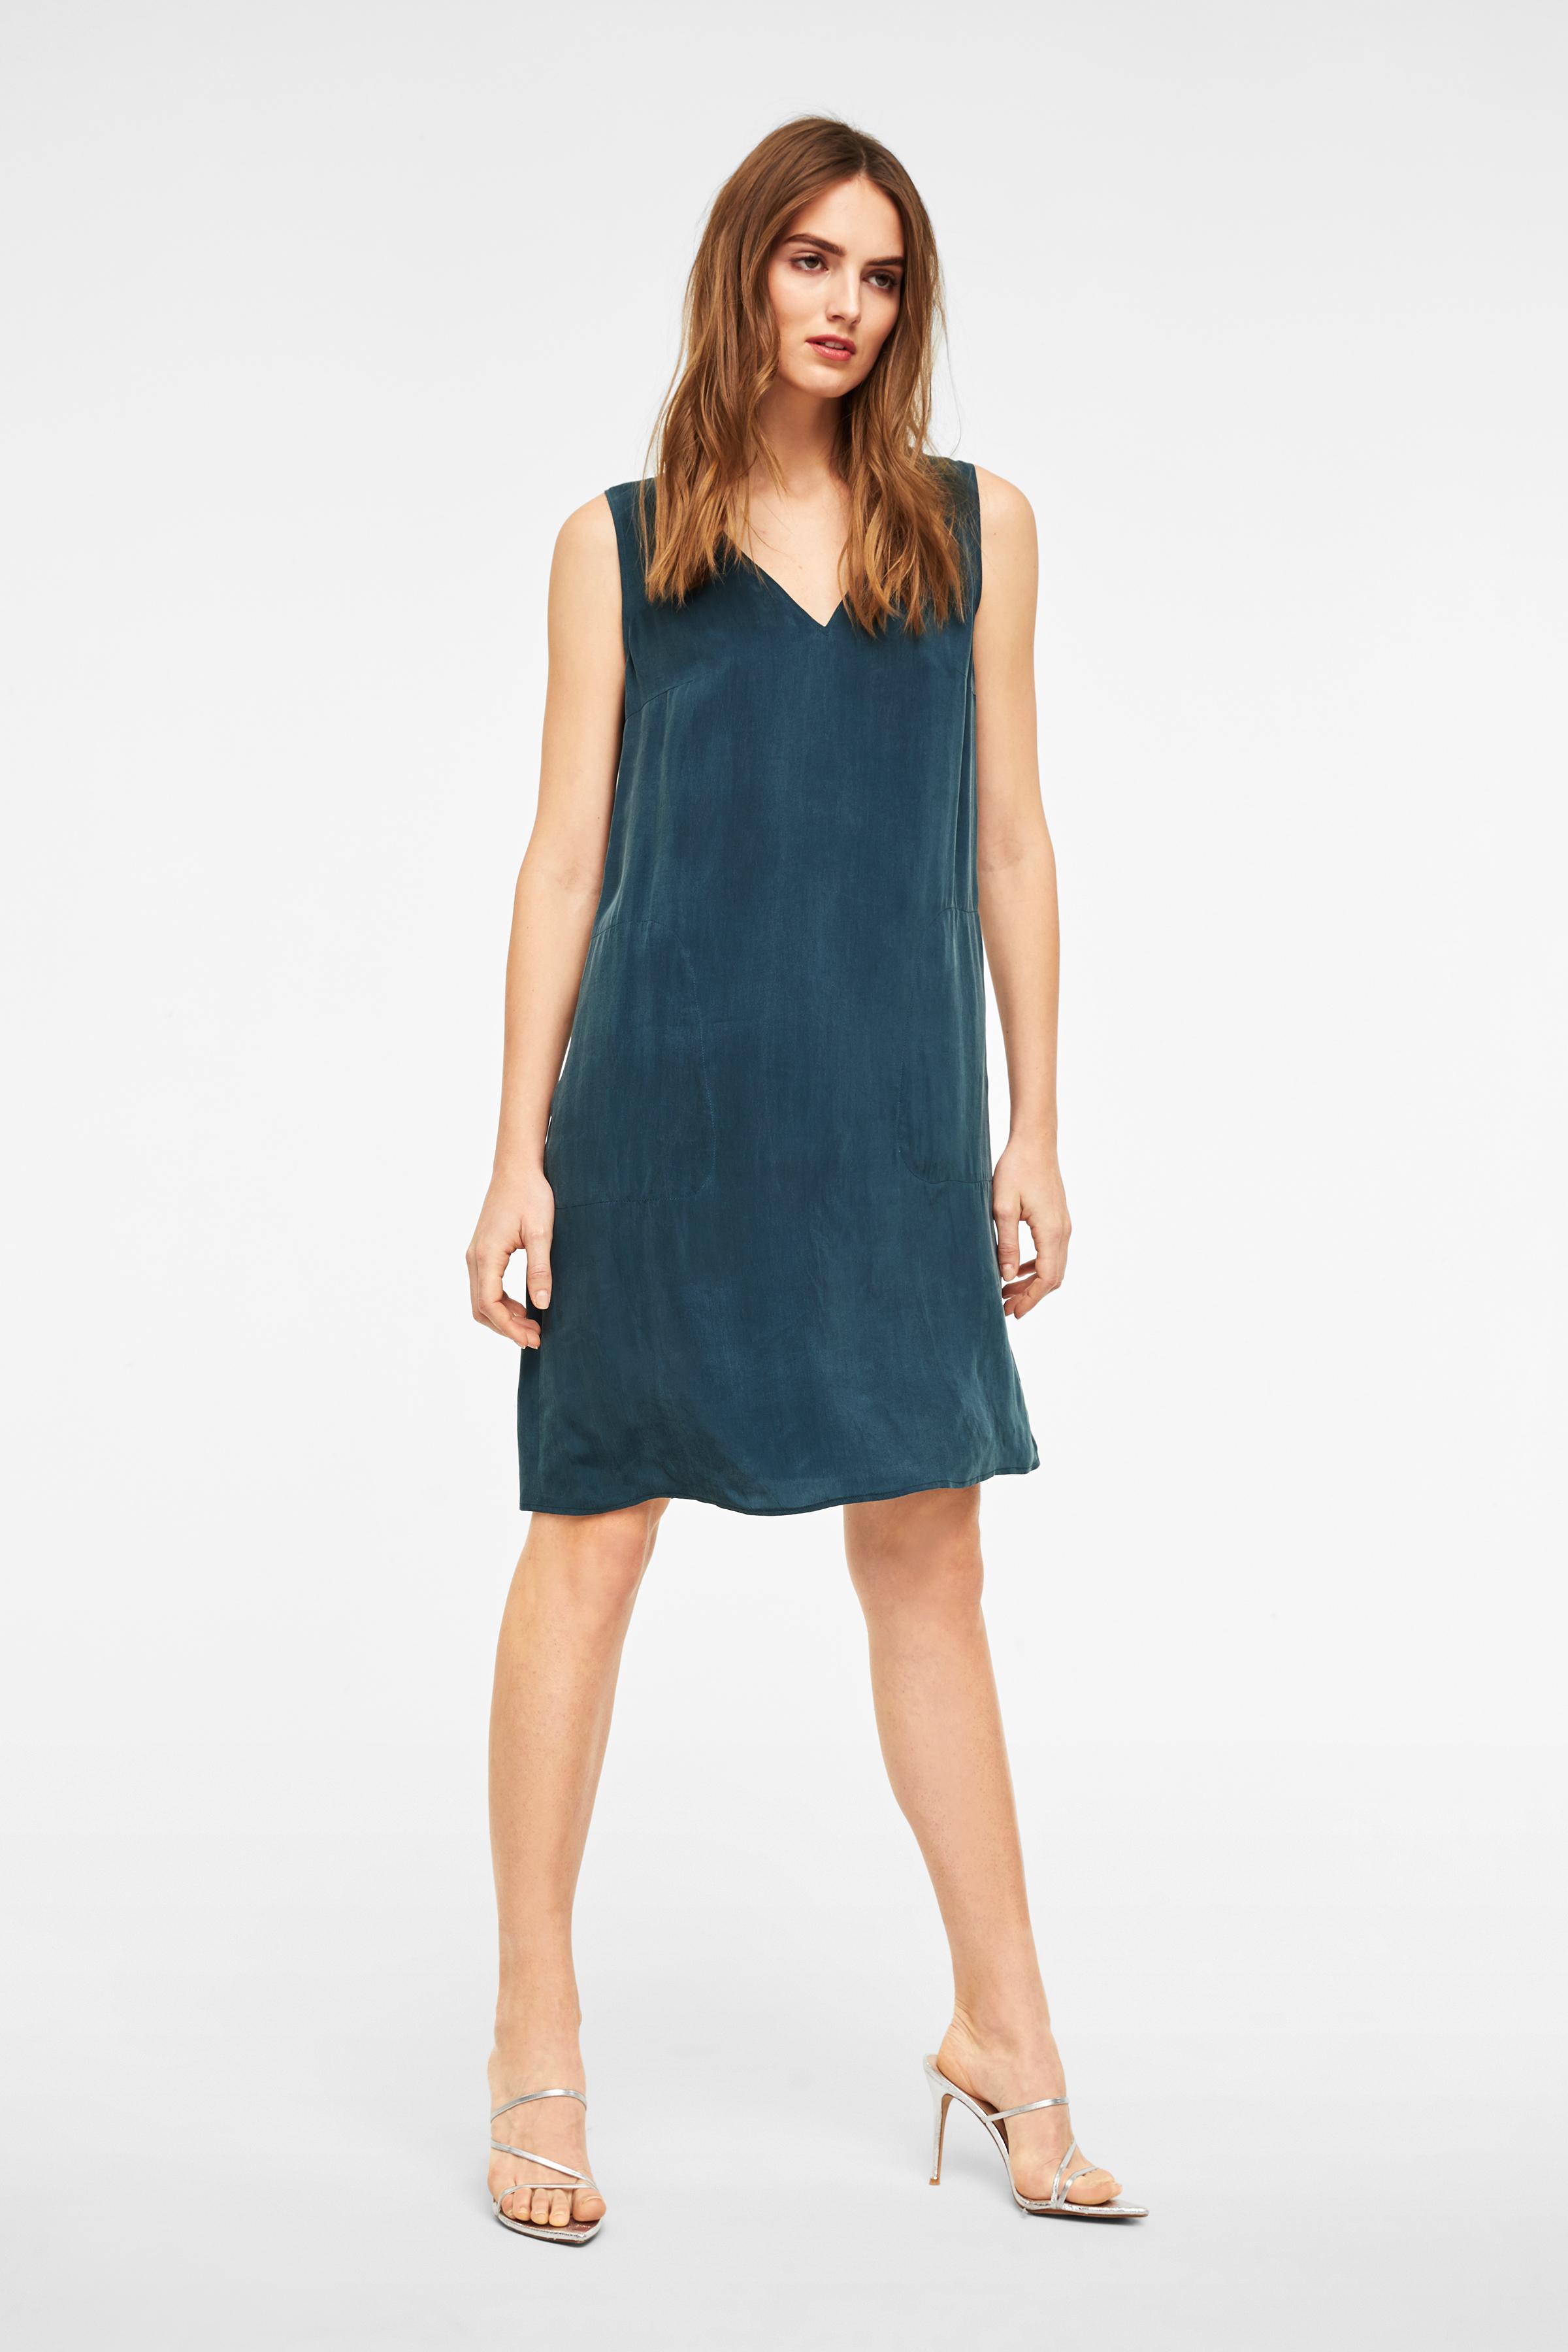 Damen Kleid Aus Reinem Cupro Lania Online Kaufen Bei Drykorn